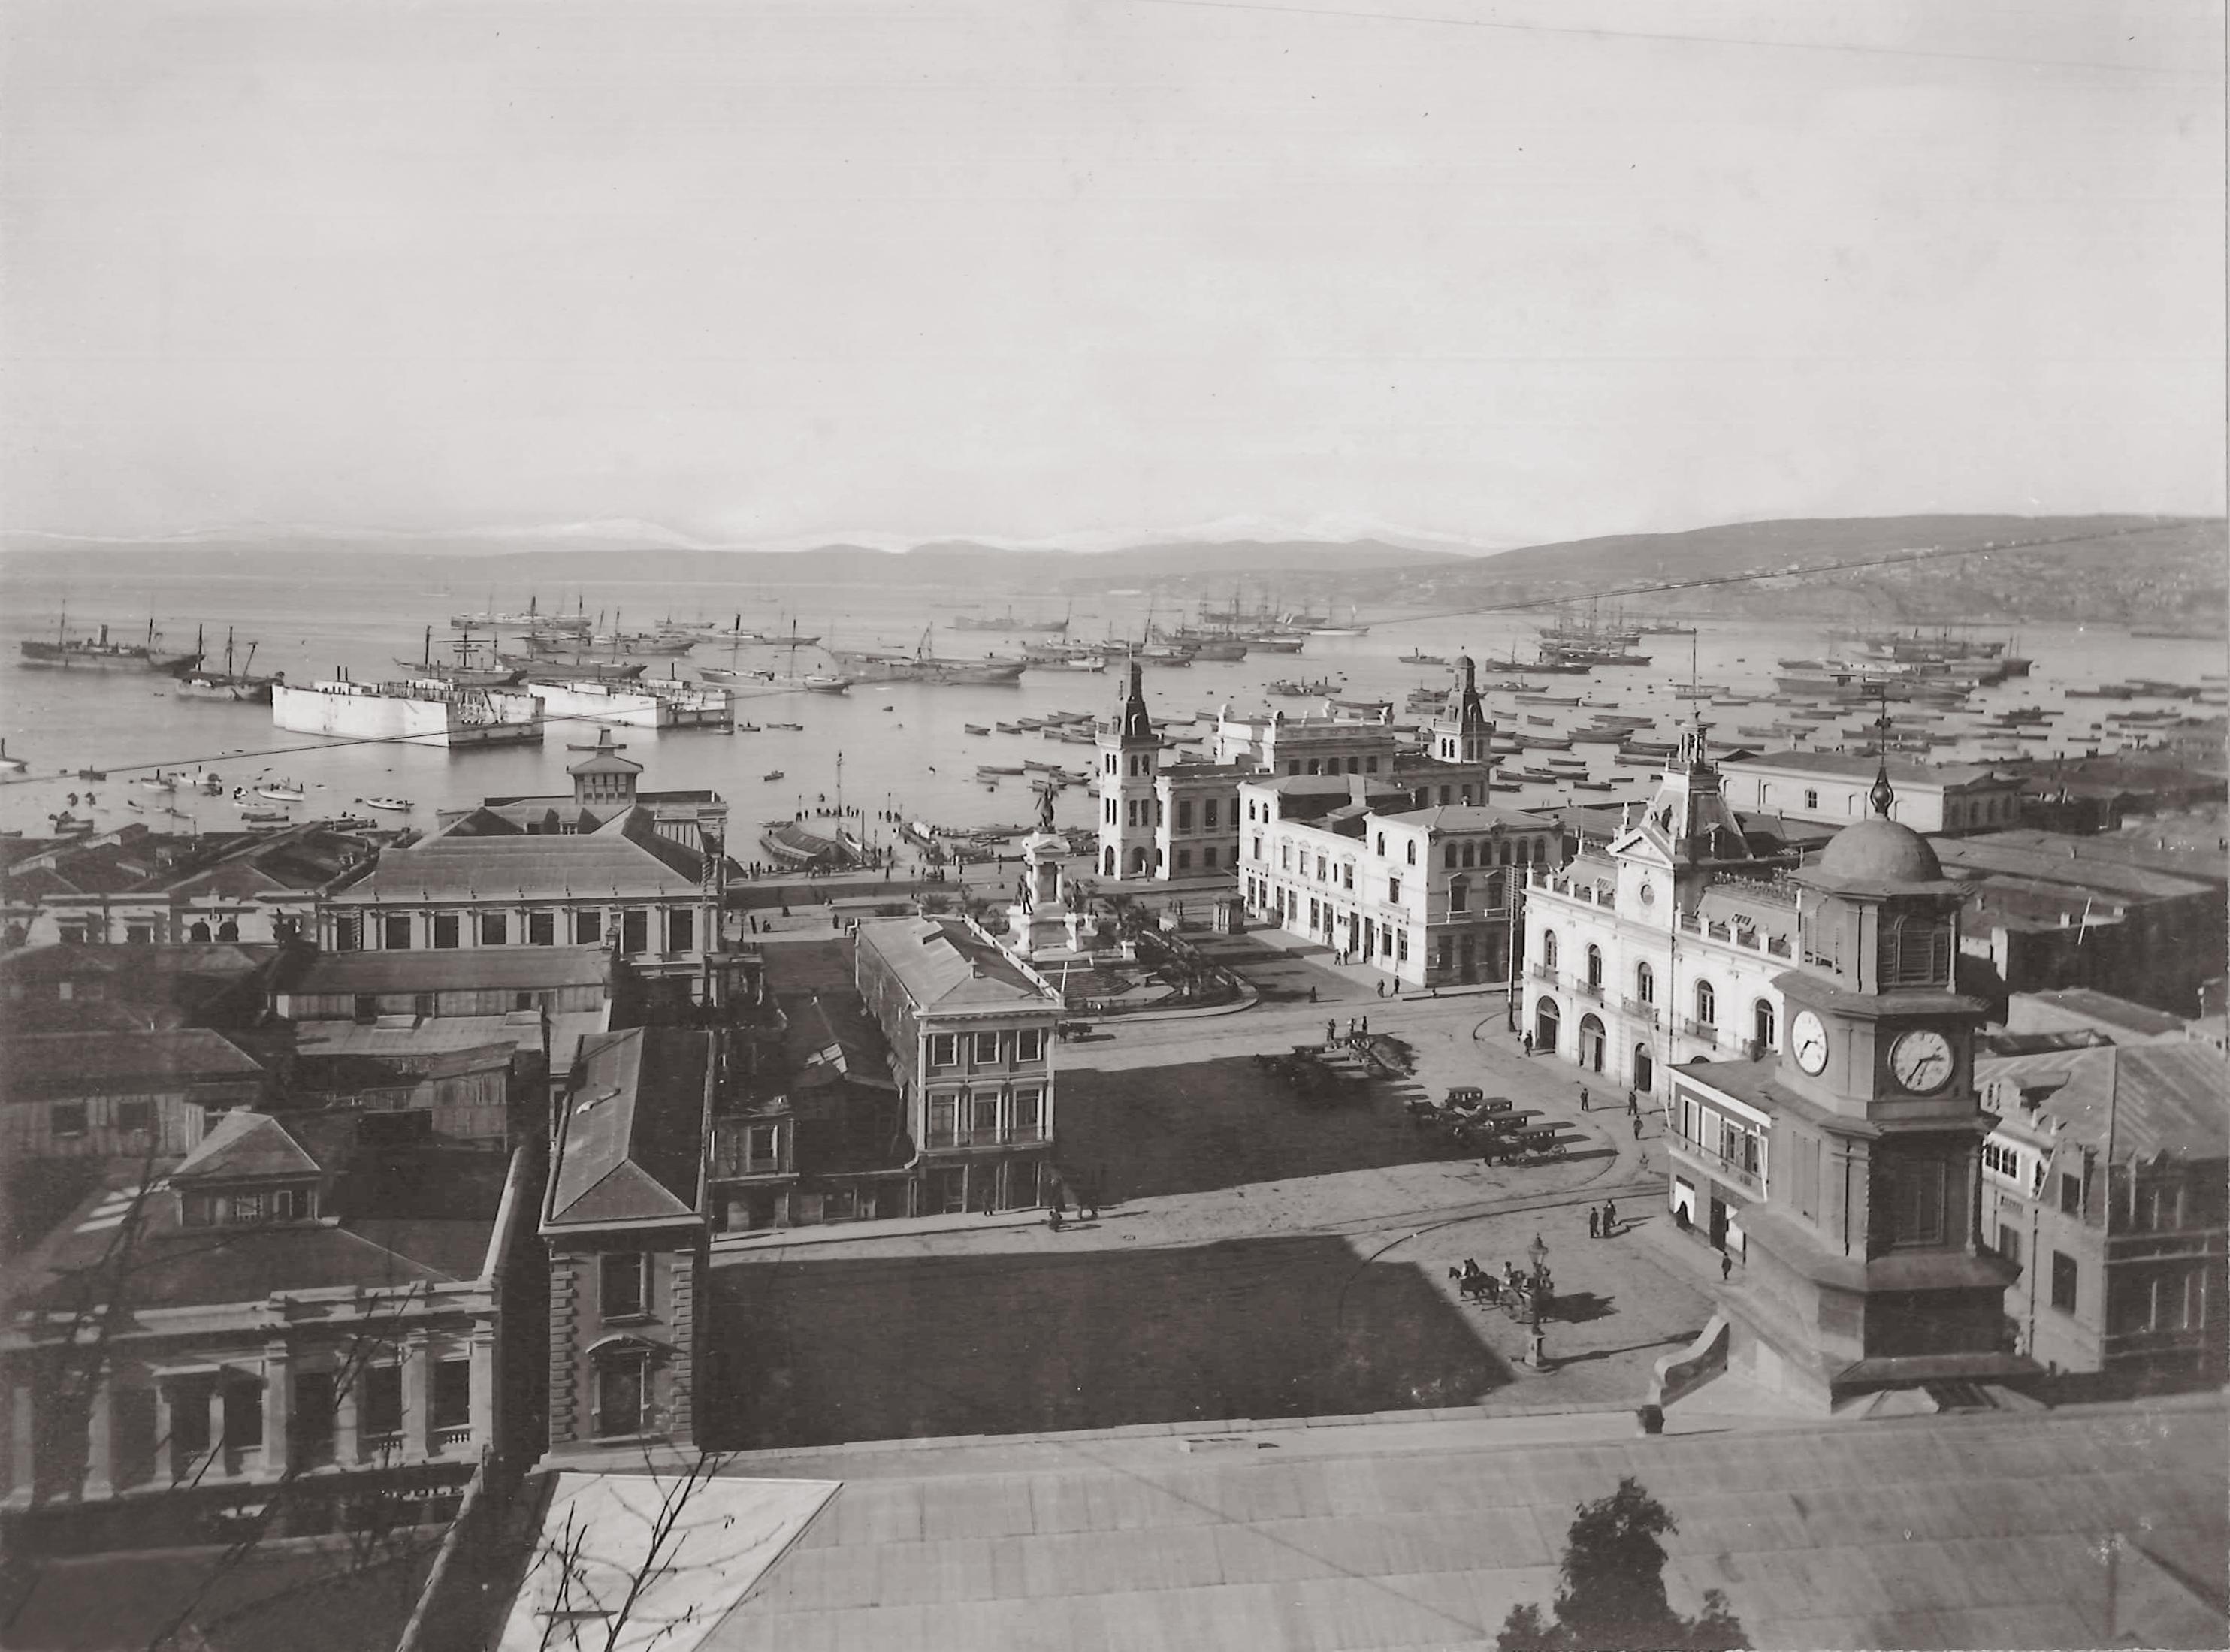 Enterreno - Fotos históricas de chile - fotos antiguas de Chile - Plaza Sotomayor en Valparaíso, 1902